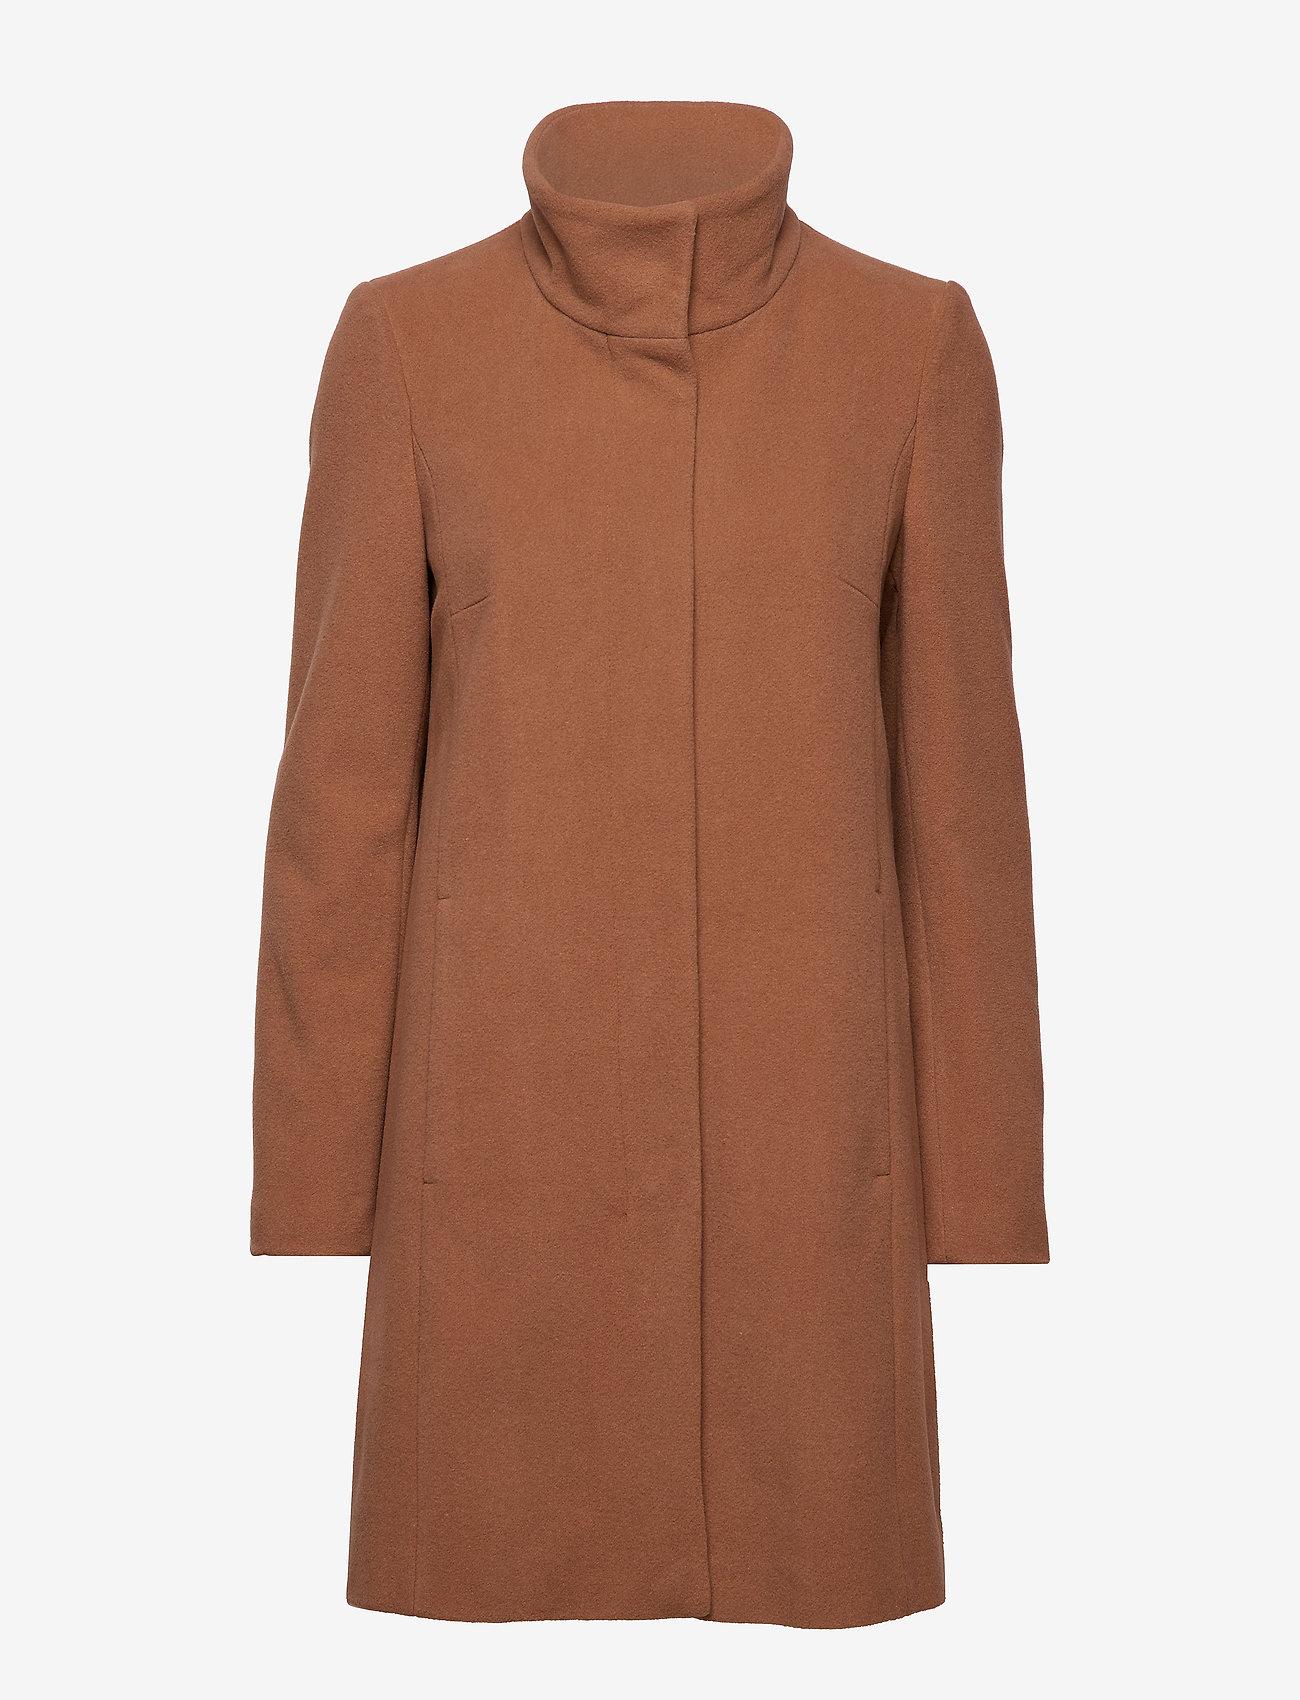 BRAX - VARESE - manteaux de laine - camel